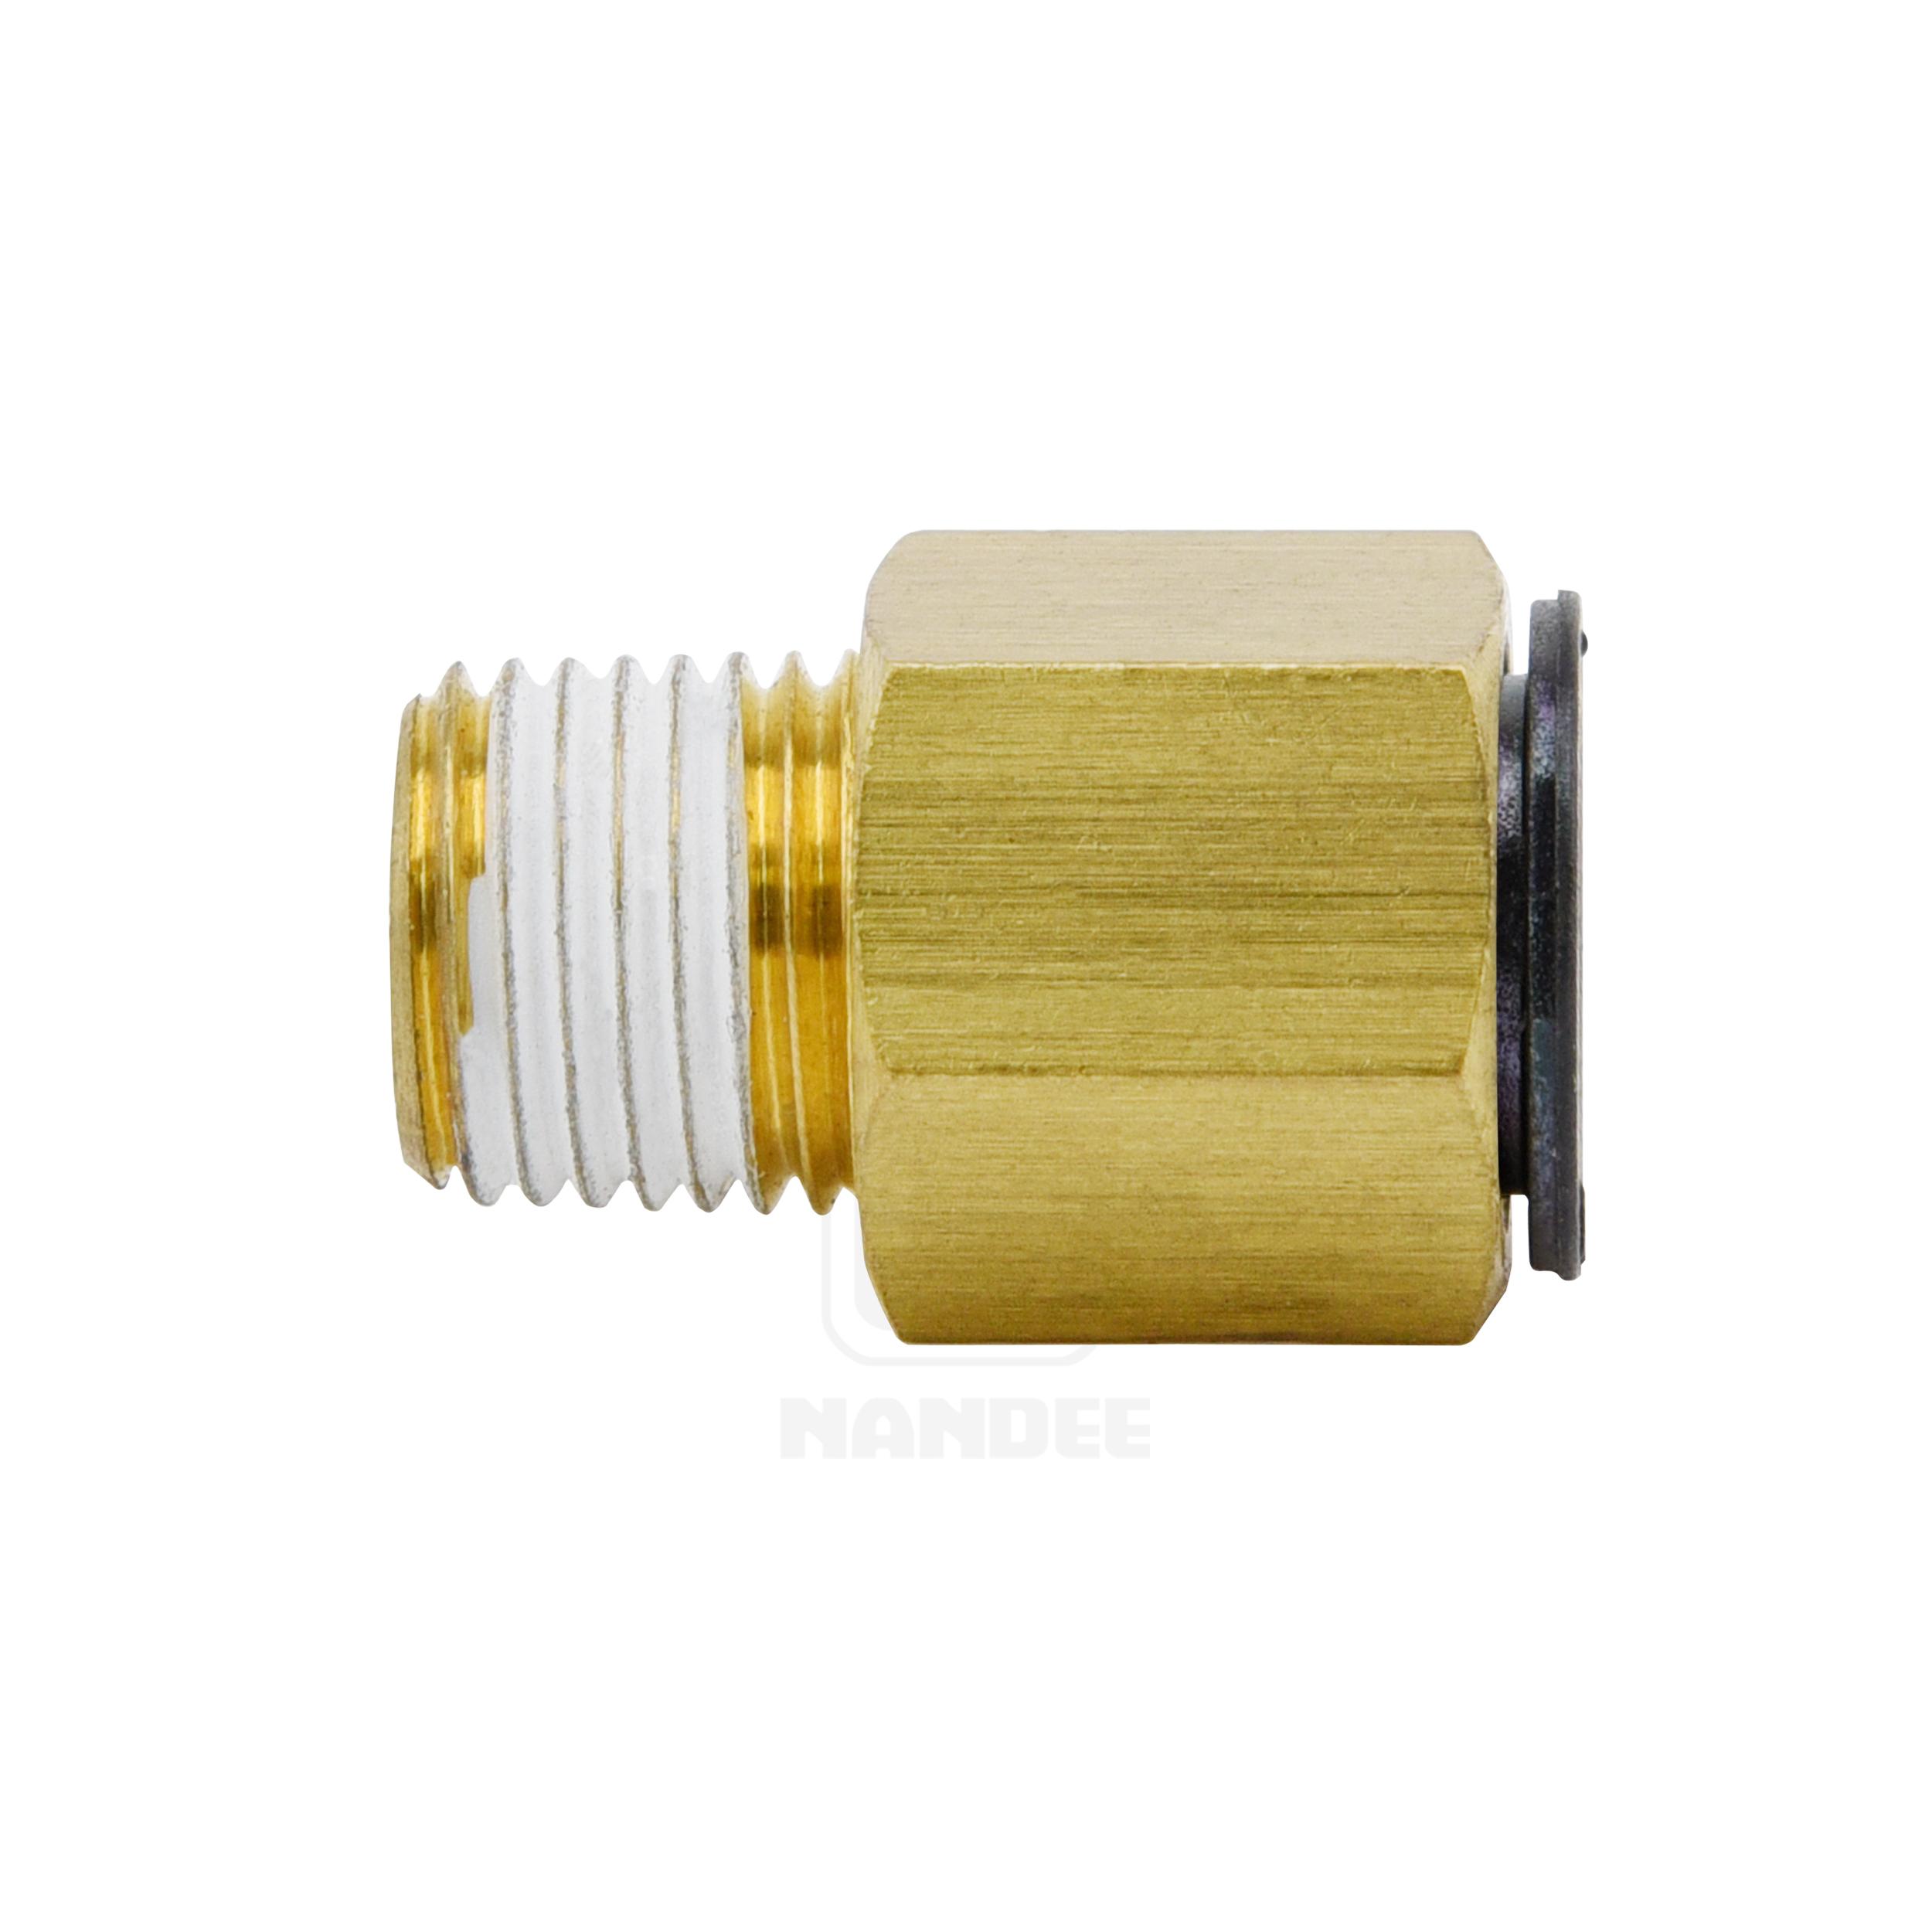 ข้อต่อฟิตติ้งทองเหลือง (C-ring) Touch connector fuji